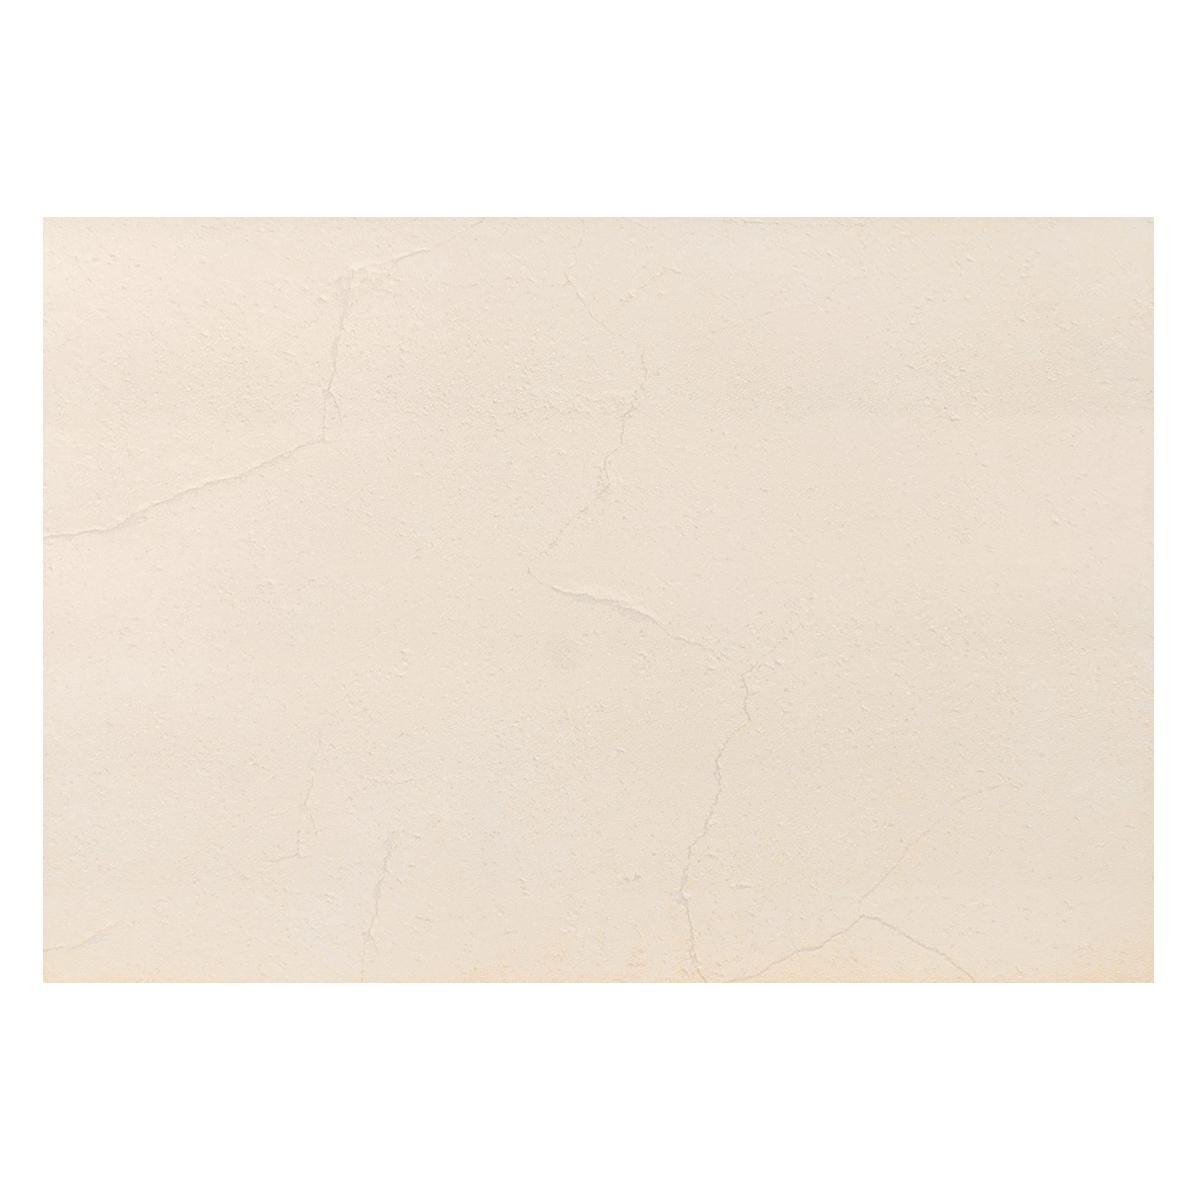 Papel Decorativo Wall Street Marfil Mate - 53X1000 cm - 5.30 m2